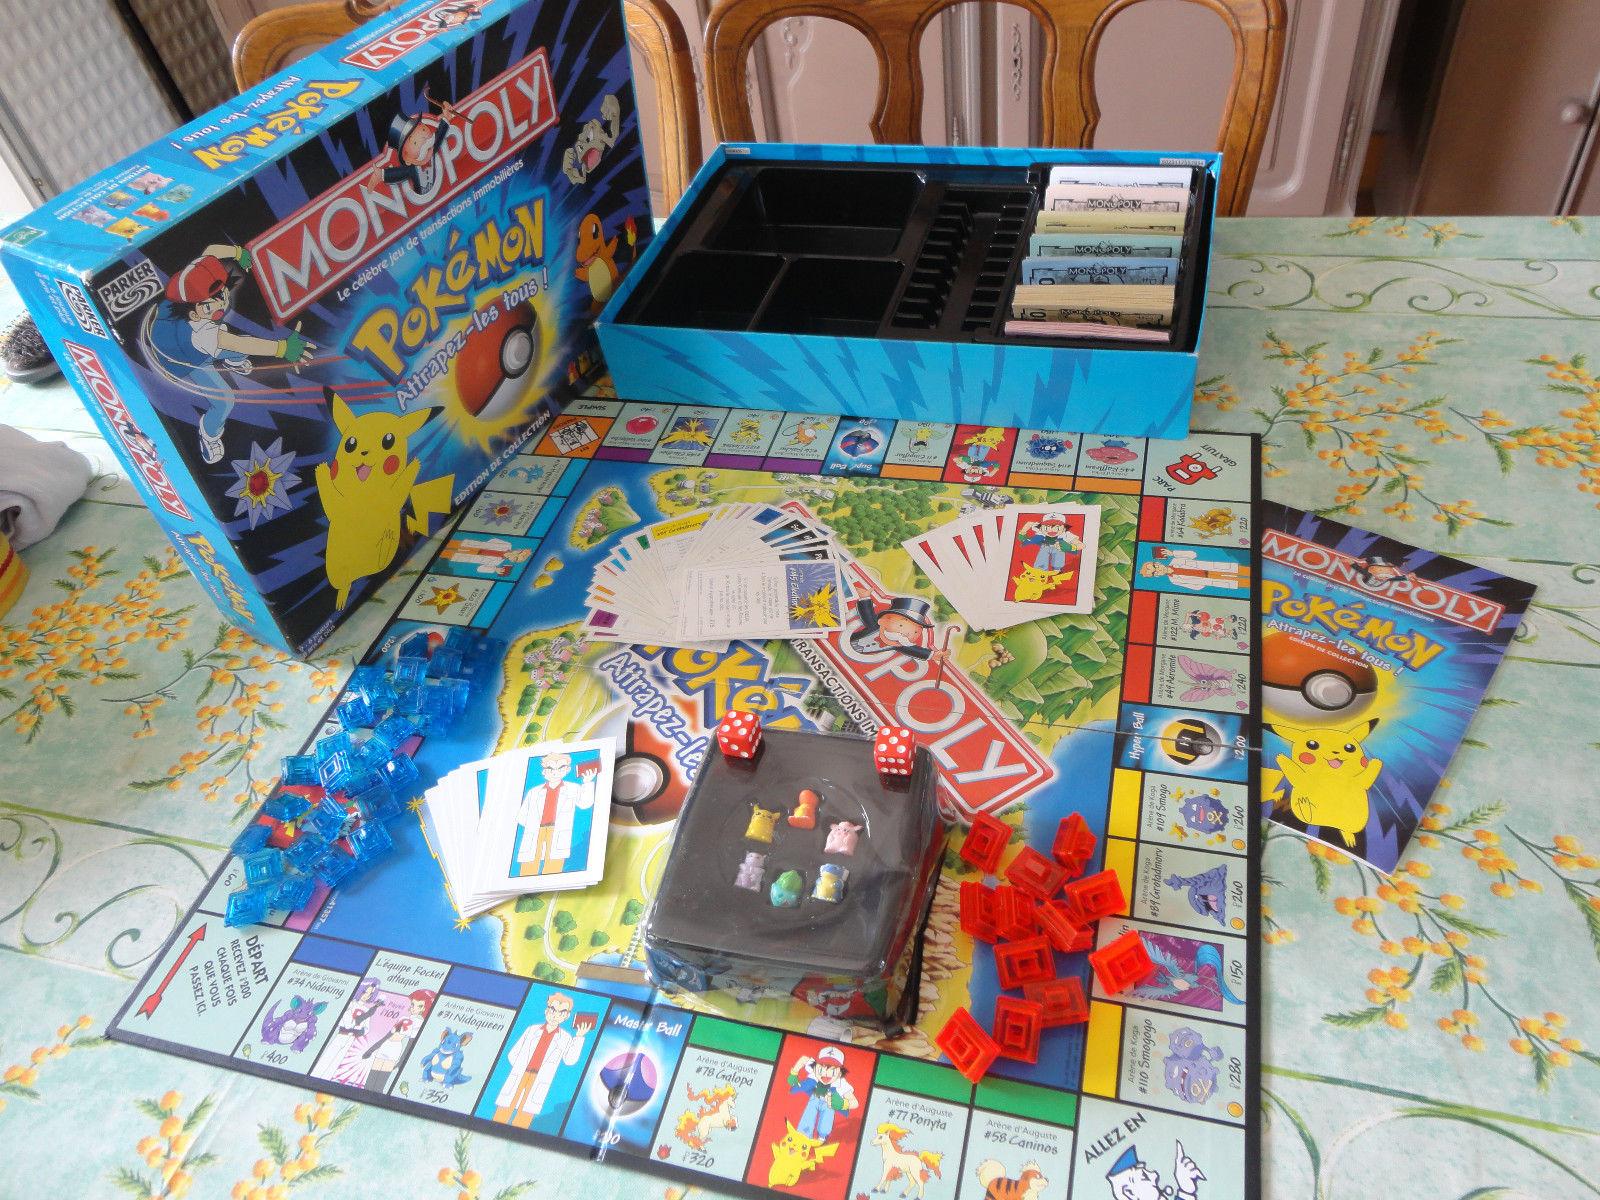 Le Monopoly Pok 233 Mon De Retour Pok 233 Mon France